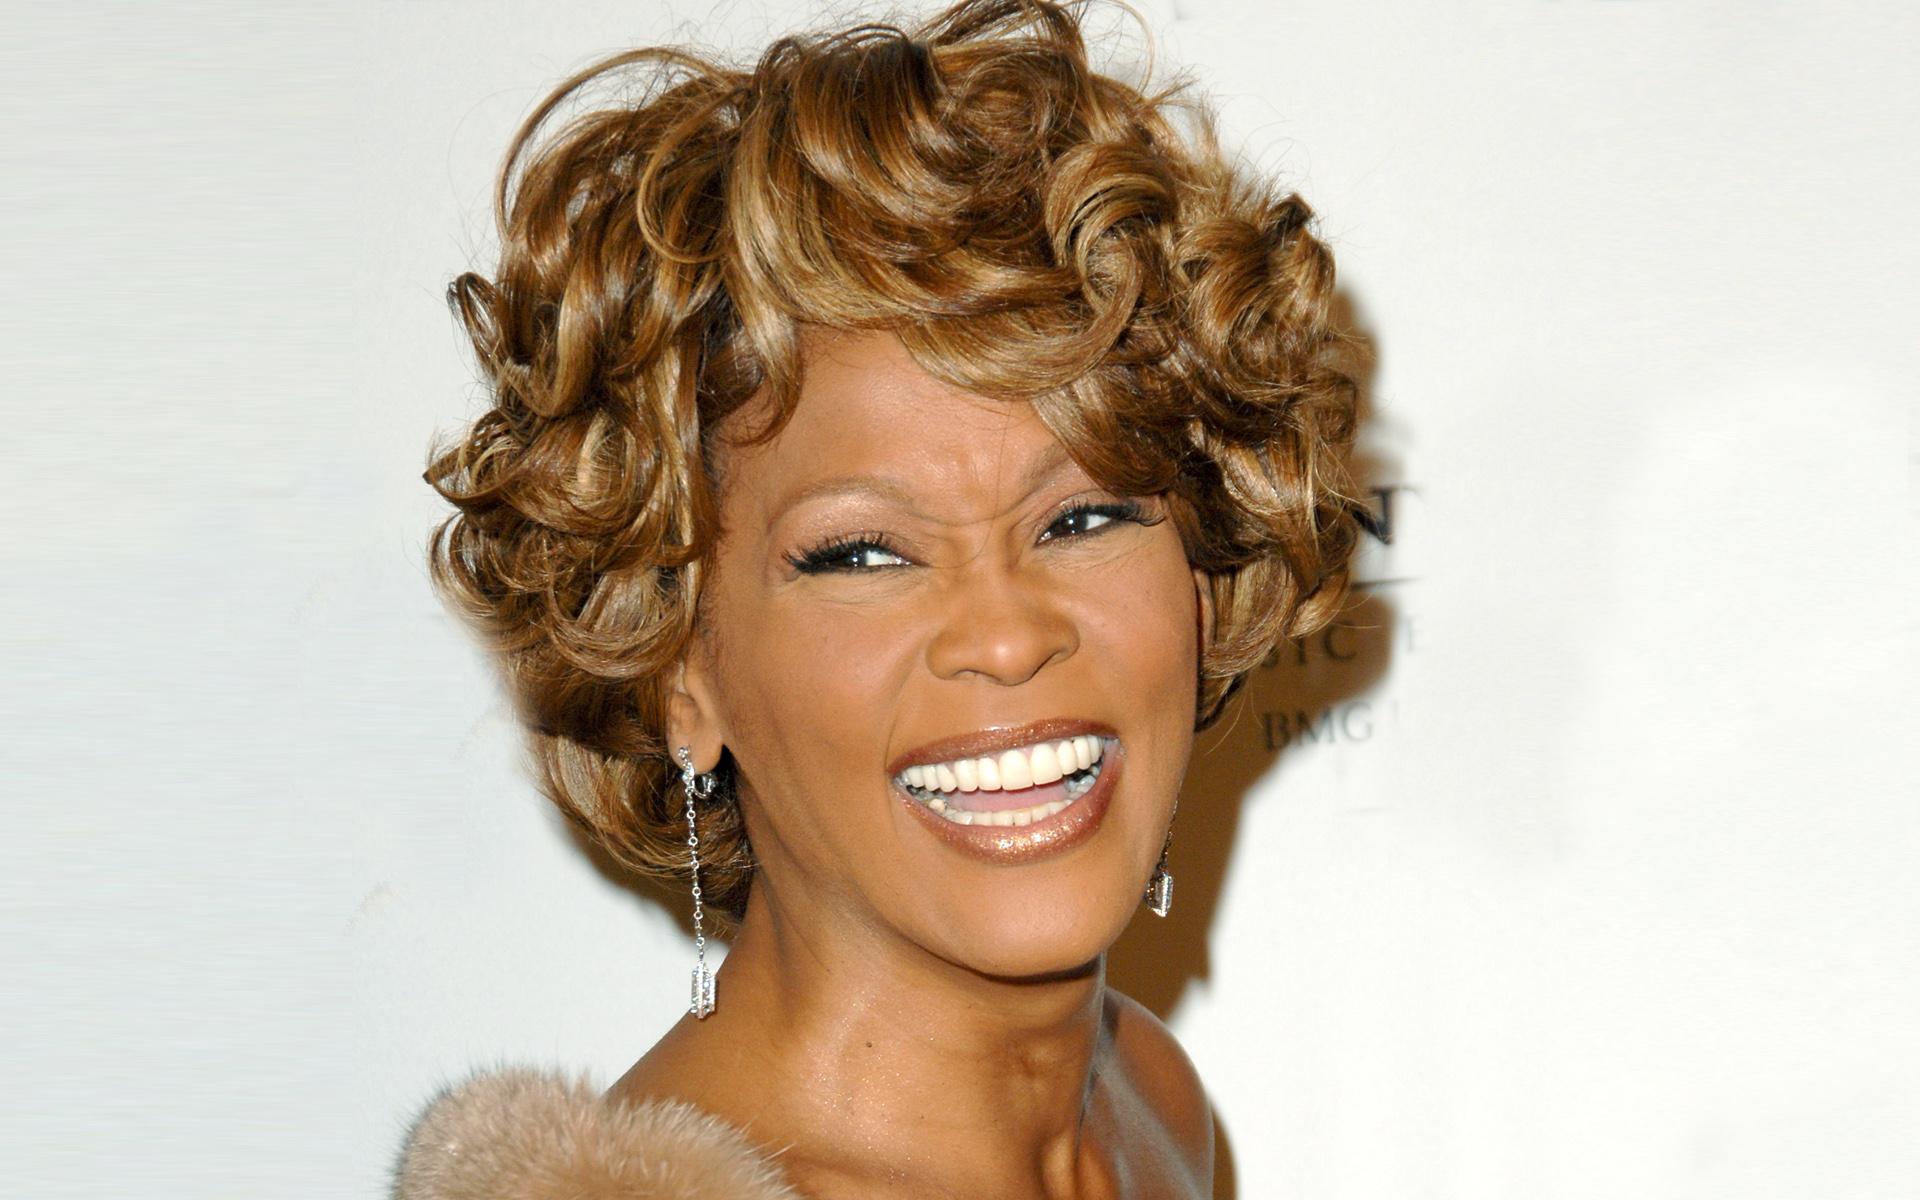 Whitney-Houston-48-a_os581552045